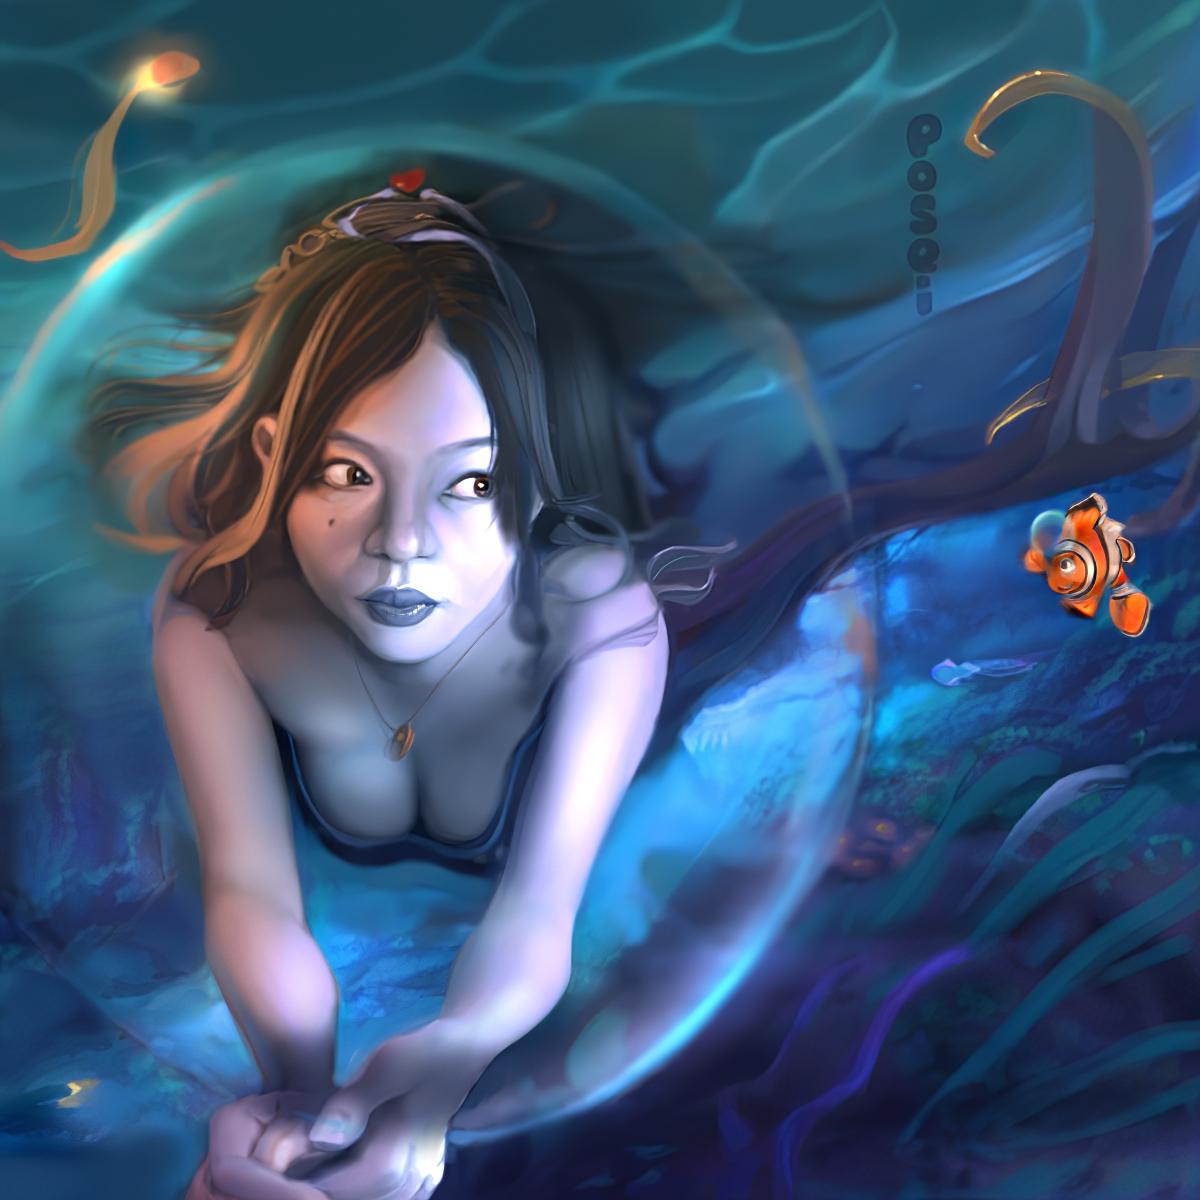 sirene by posei